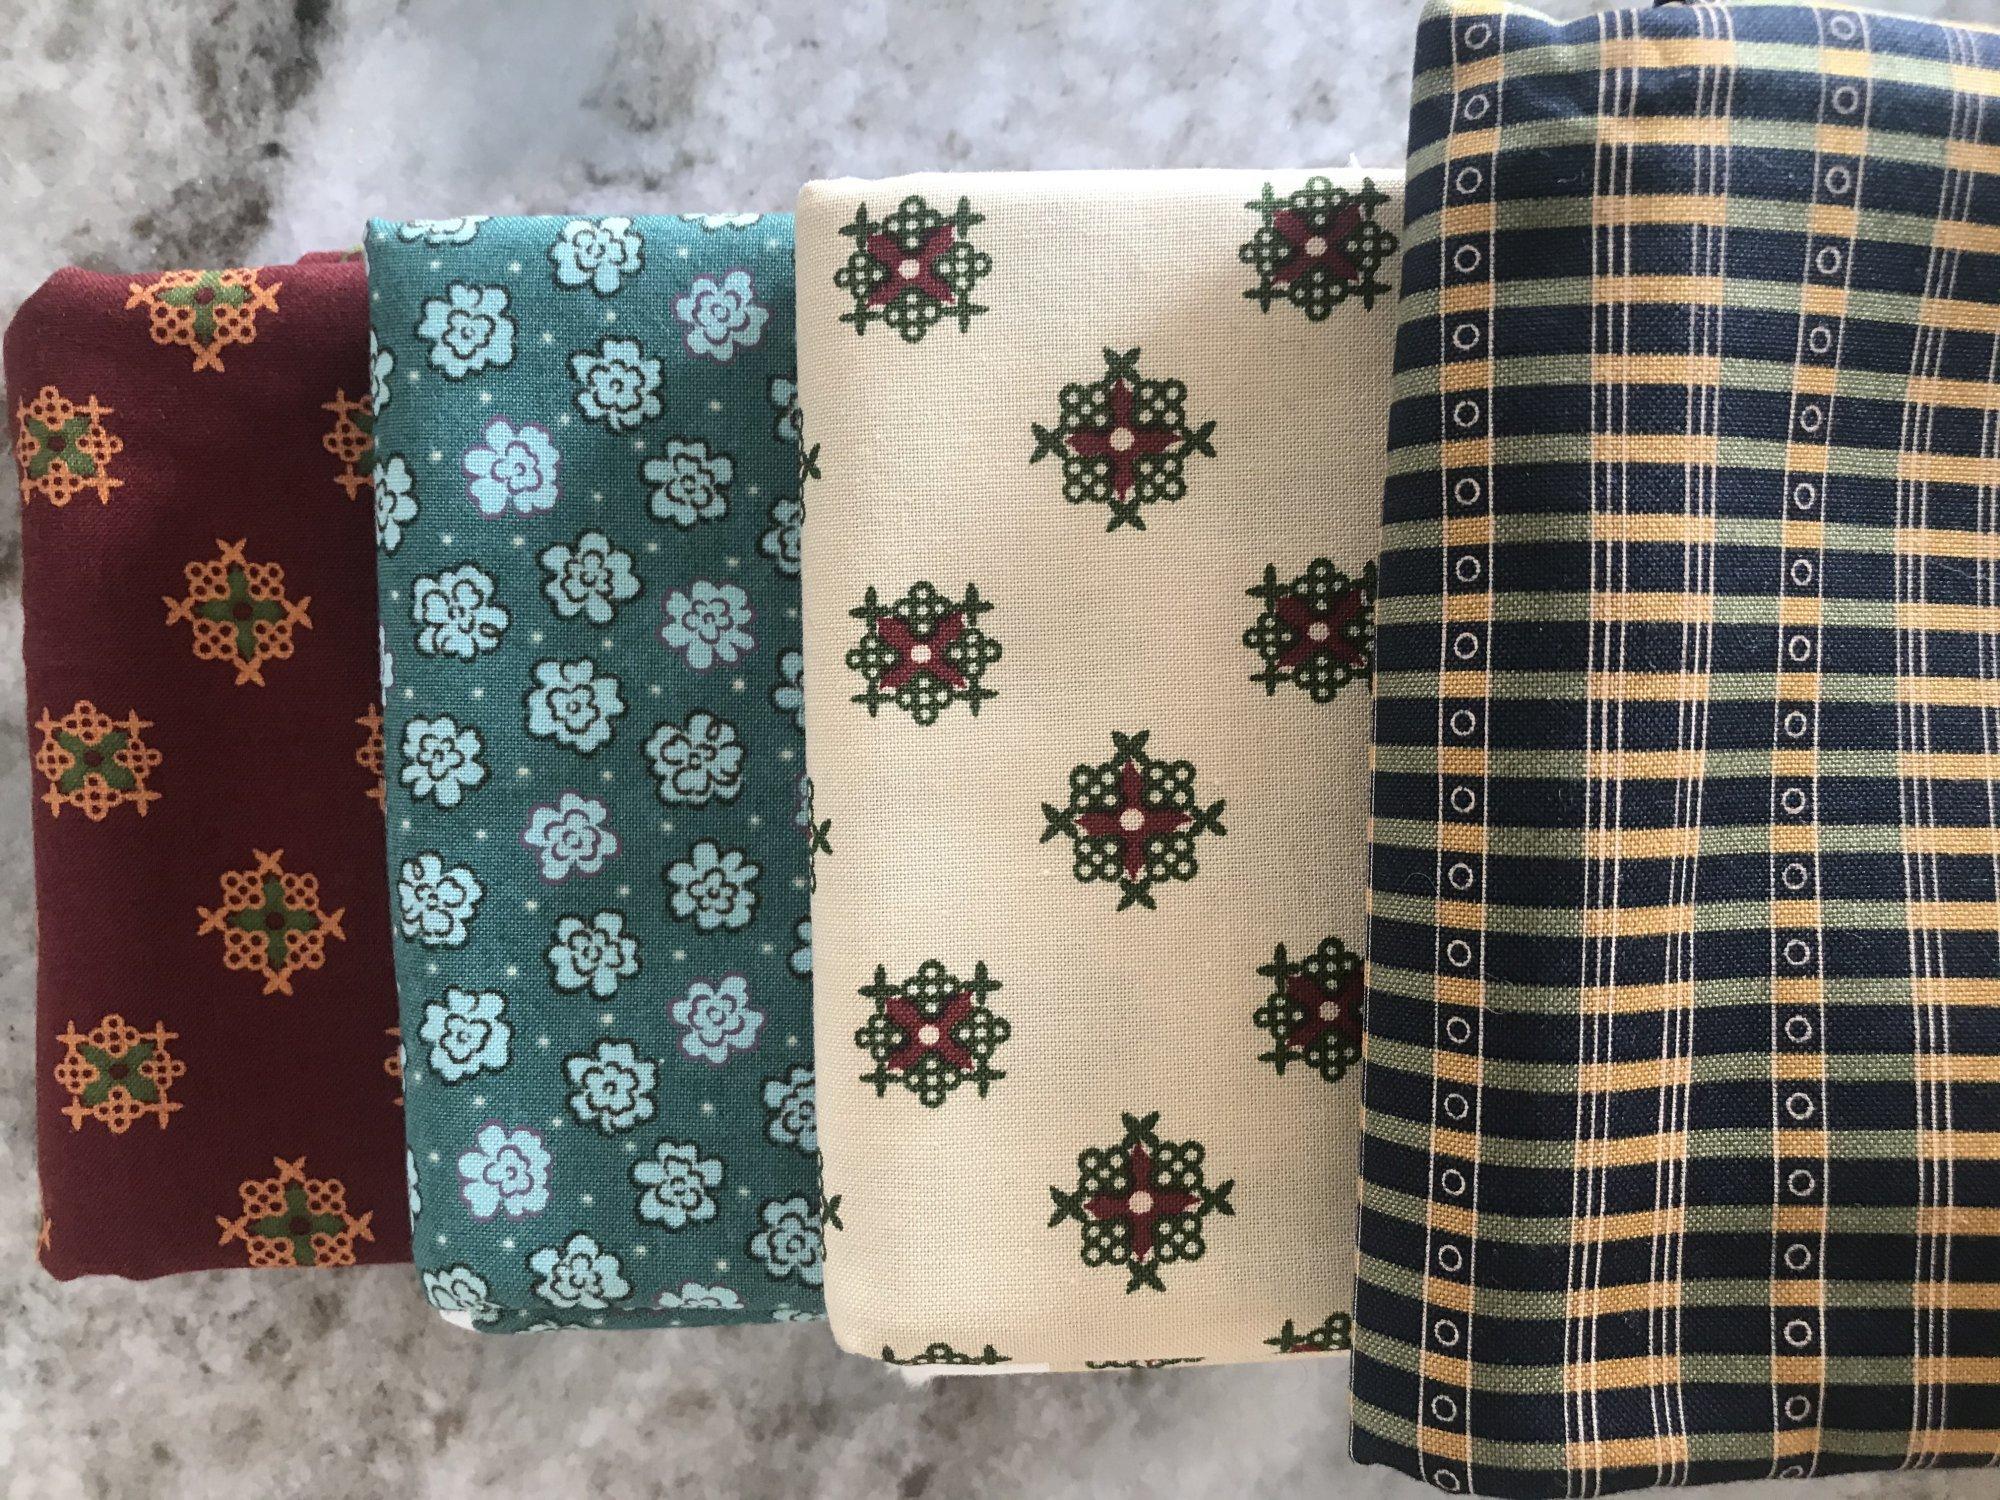 6-A  4 Moda Fabrics One Yard Cuts